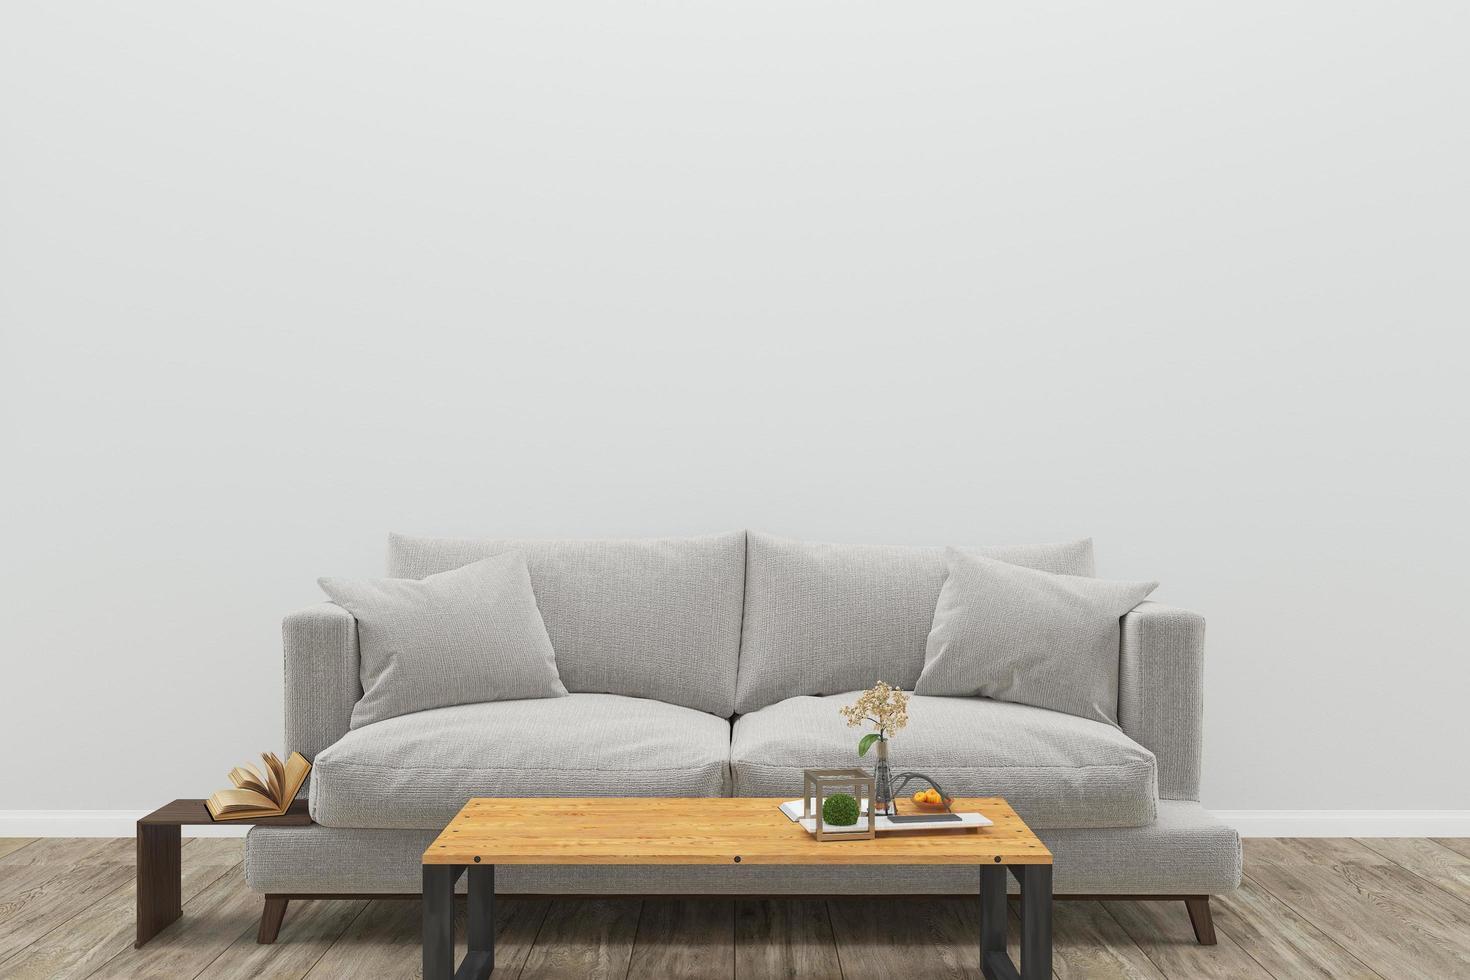 Wohnzimmer mit grauem Sofa und rechteckigem Couchtisch foto